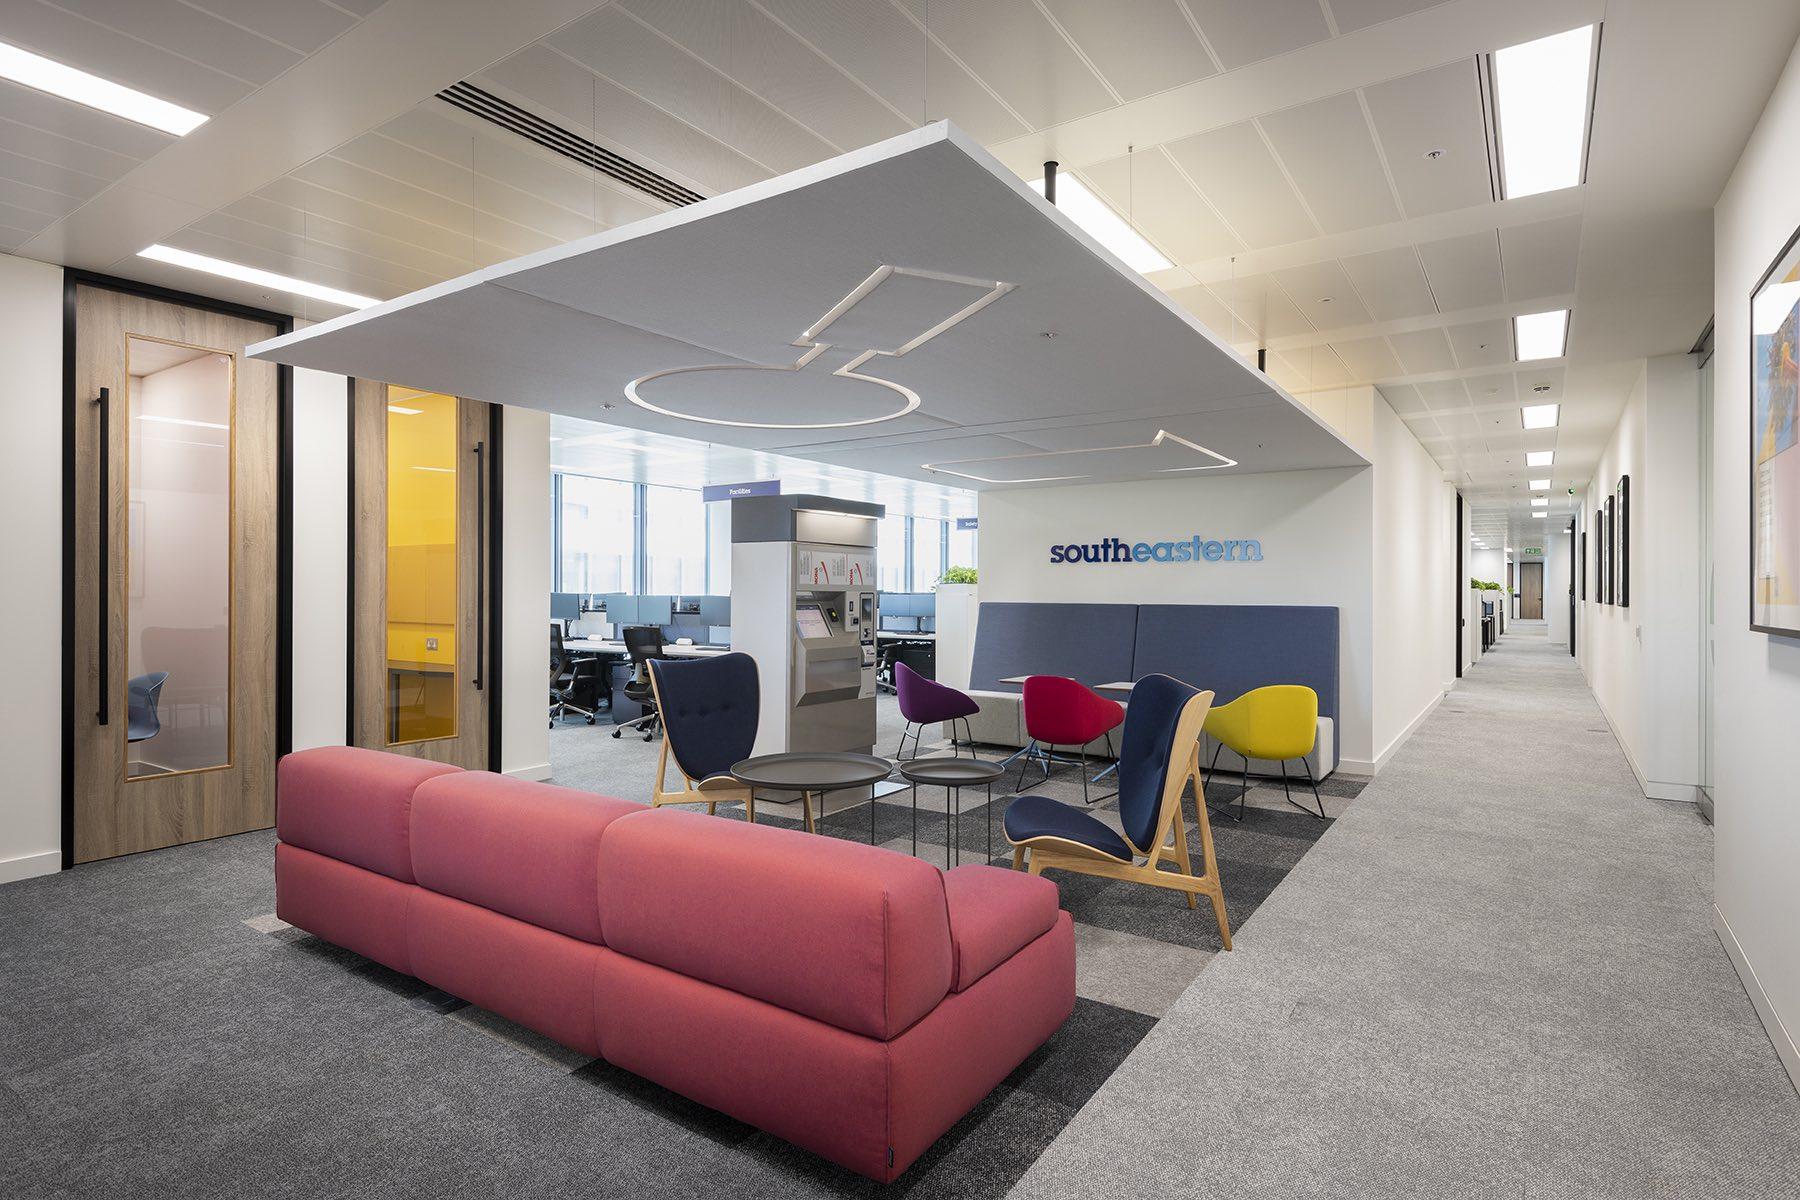 A Look Inside Southeastern's New London Office